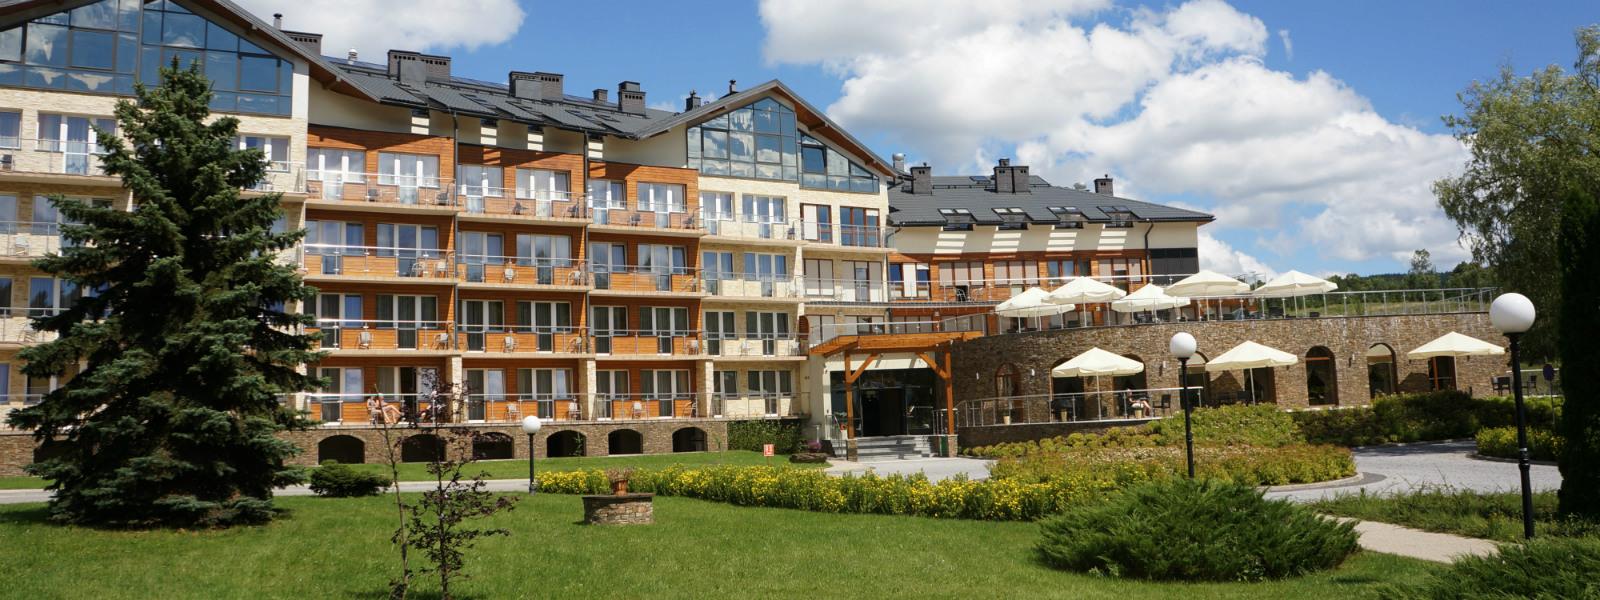 Hotel Activa - widok z przodu na hotel